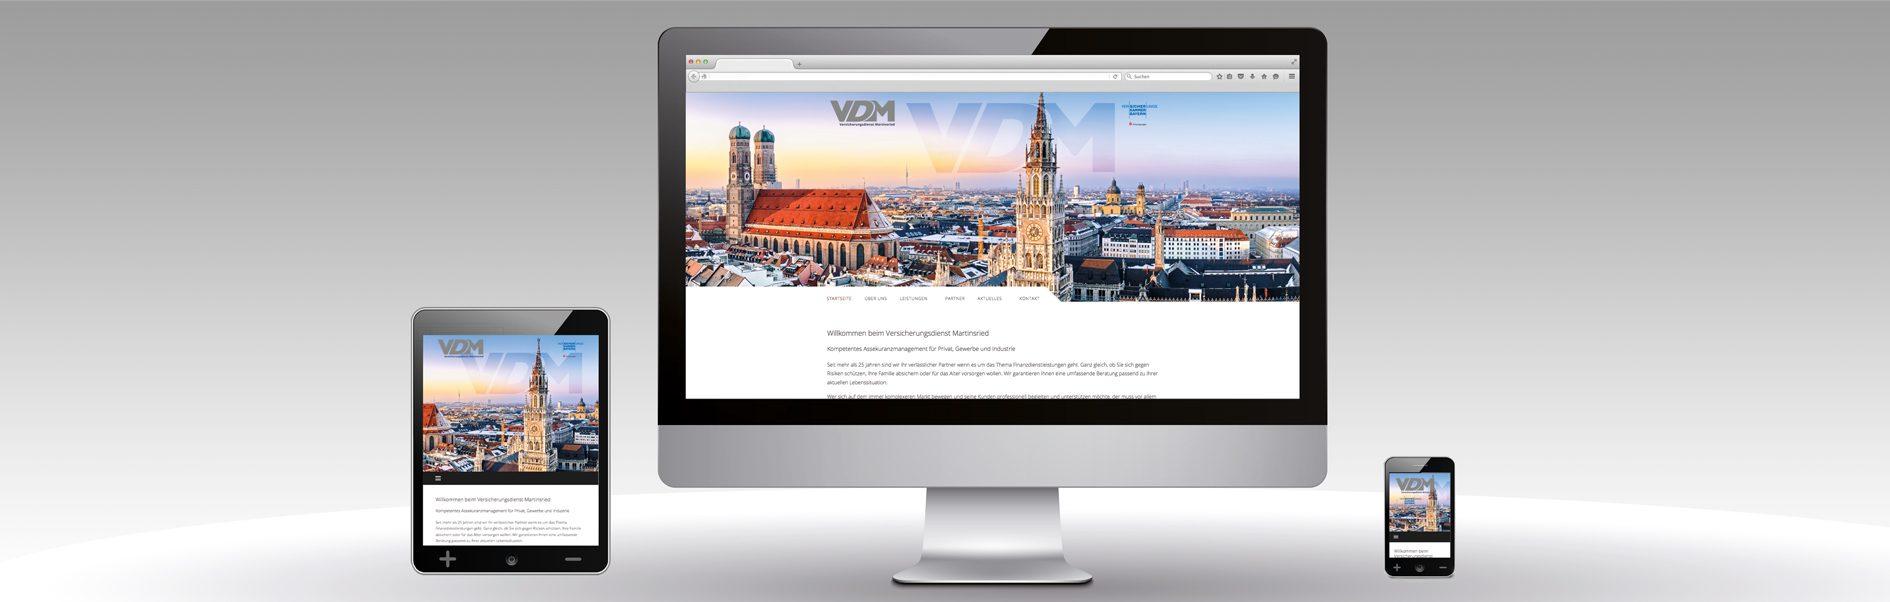 Hier ist der neue Internetaufrtitt von VDM abgebildet.